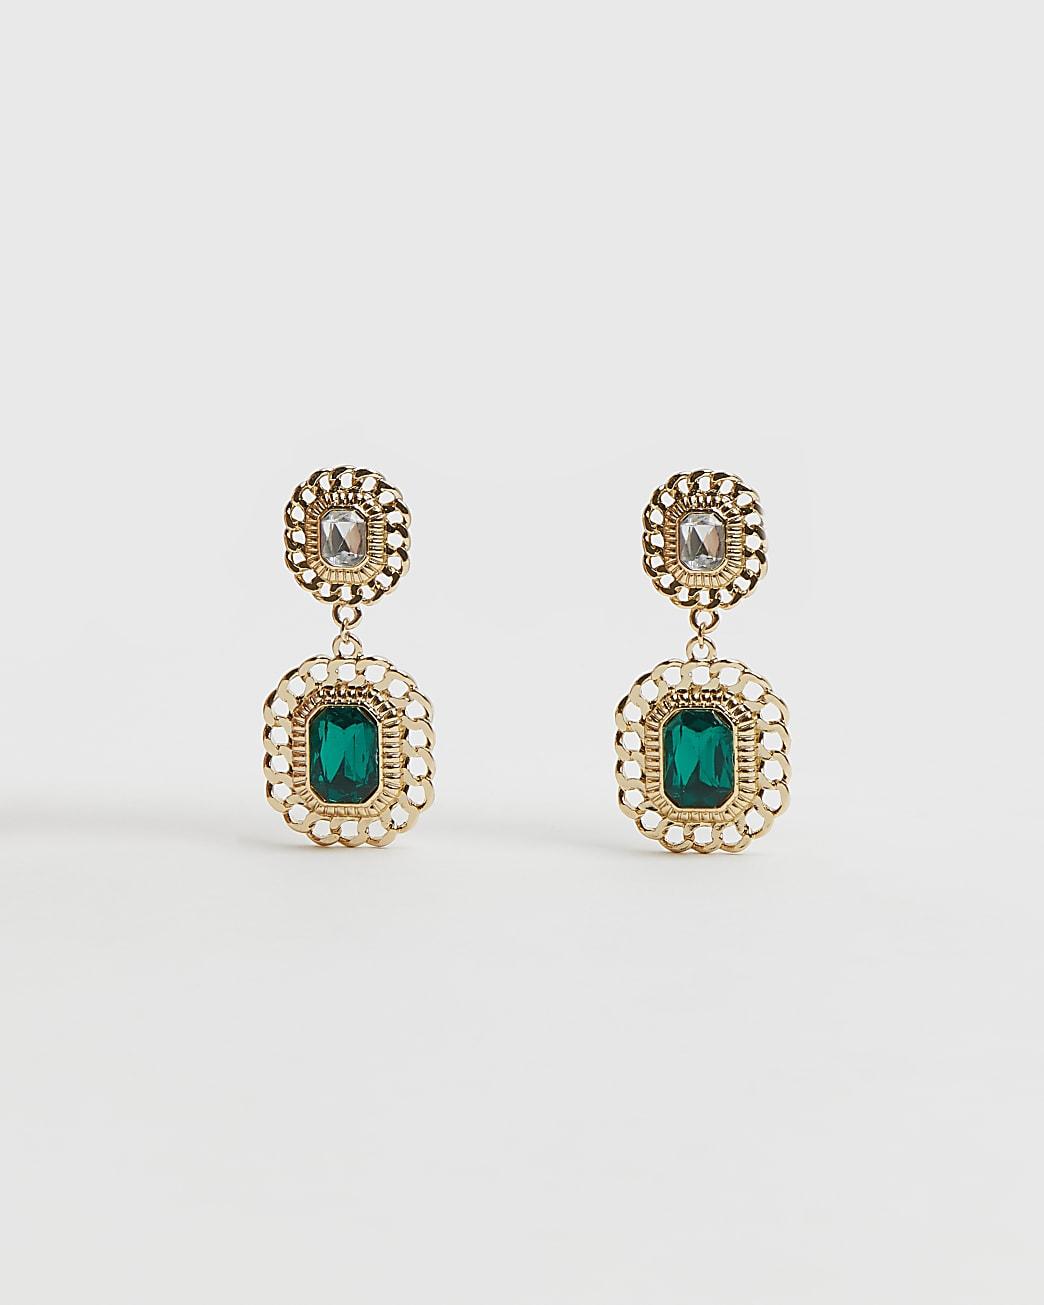 Gold emerald stone drop earrings